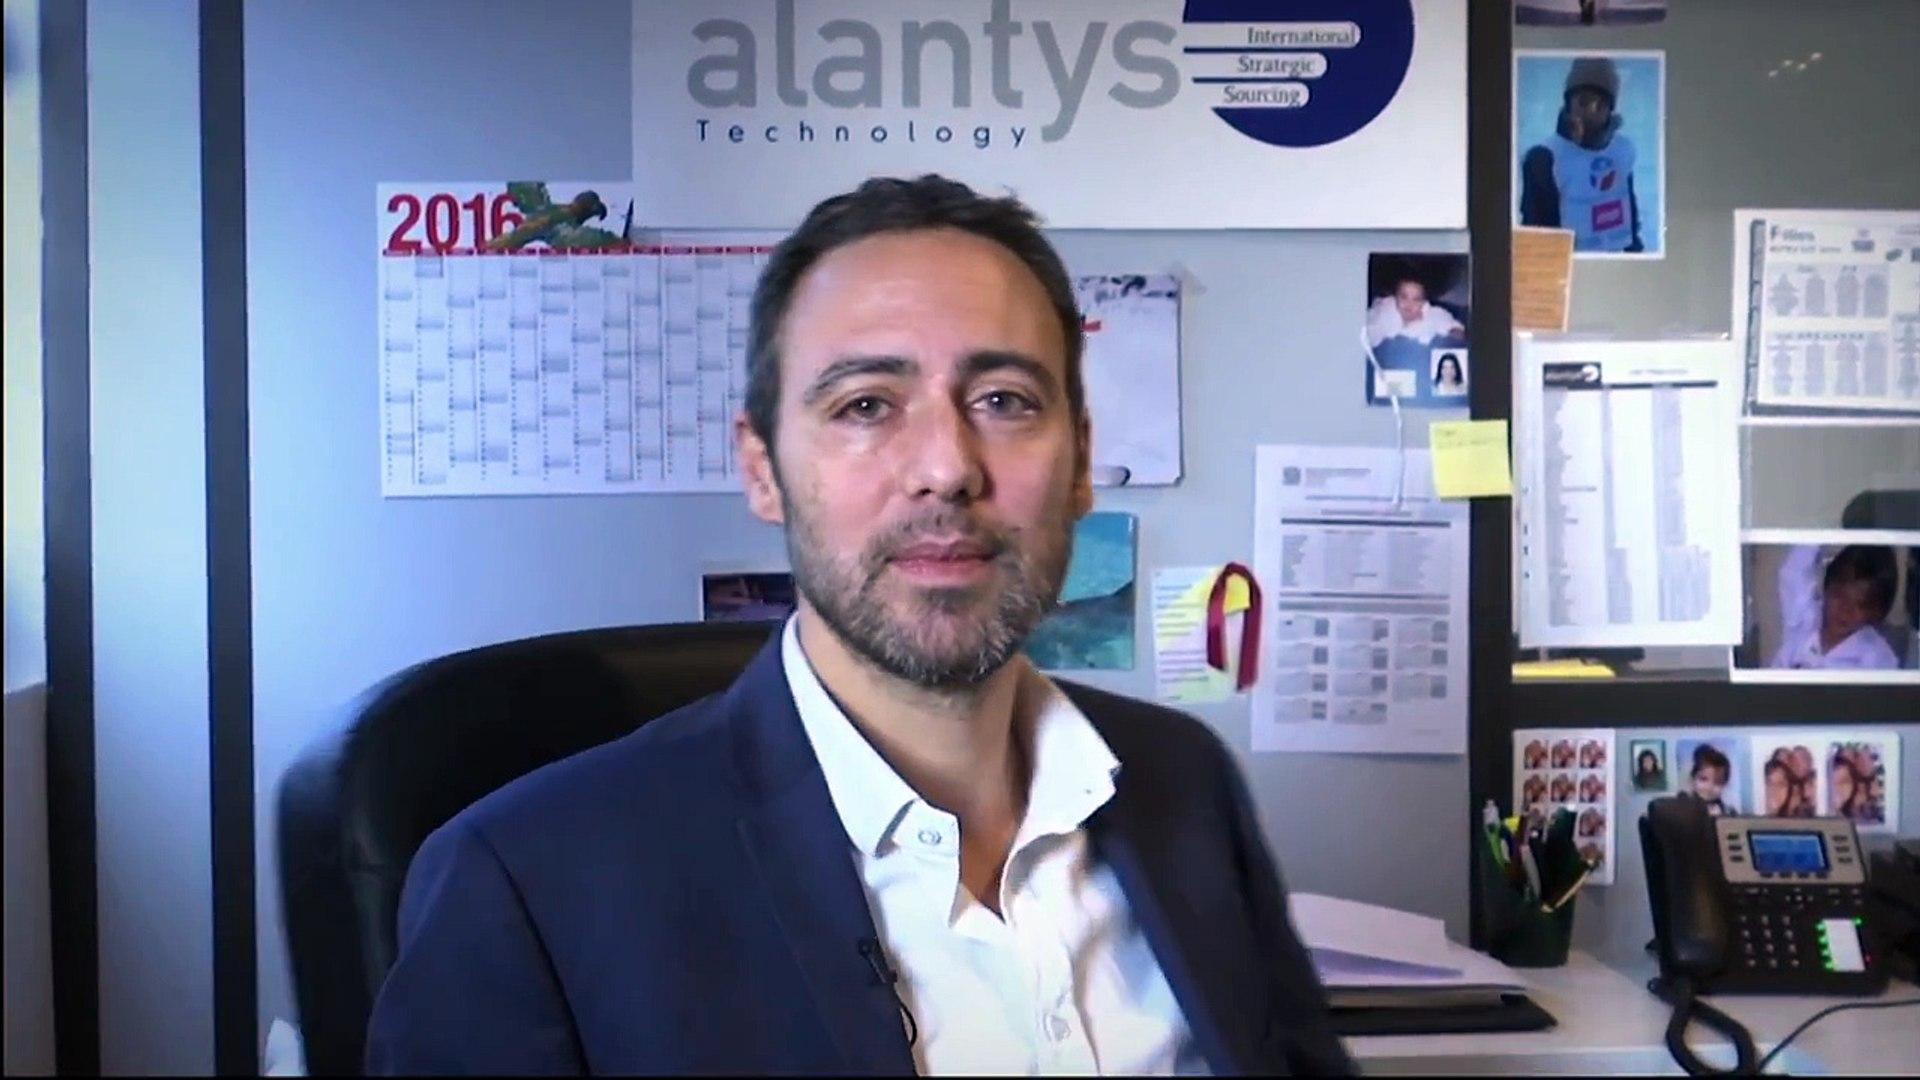 Alantys Technology